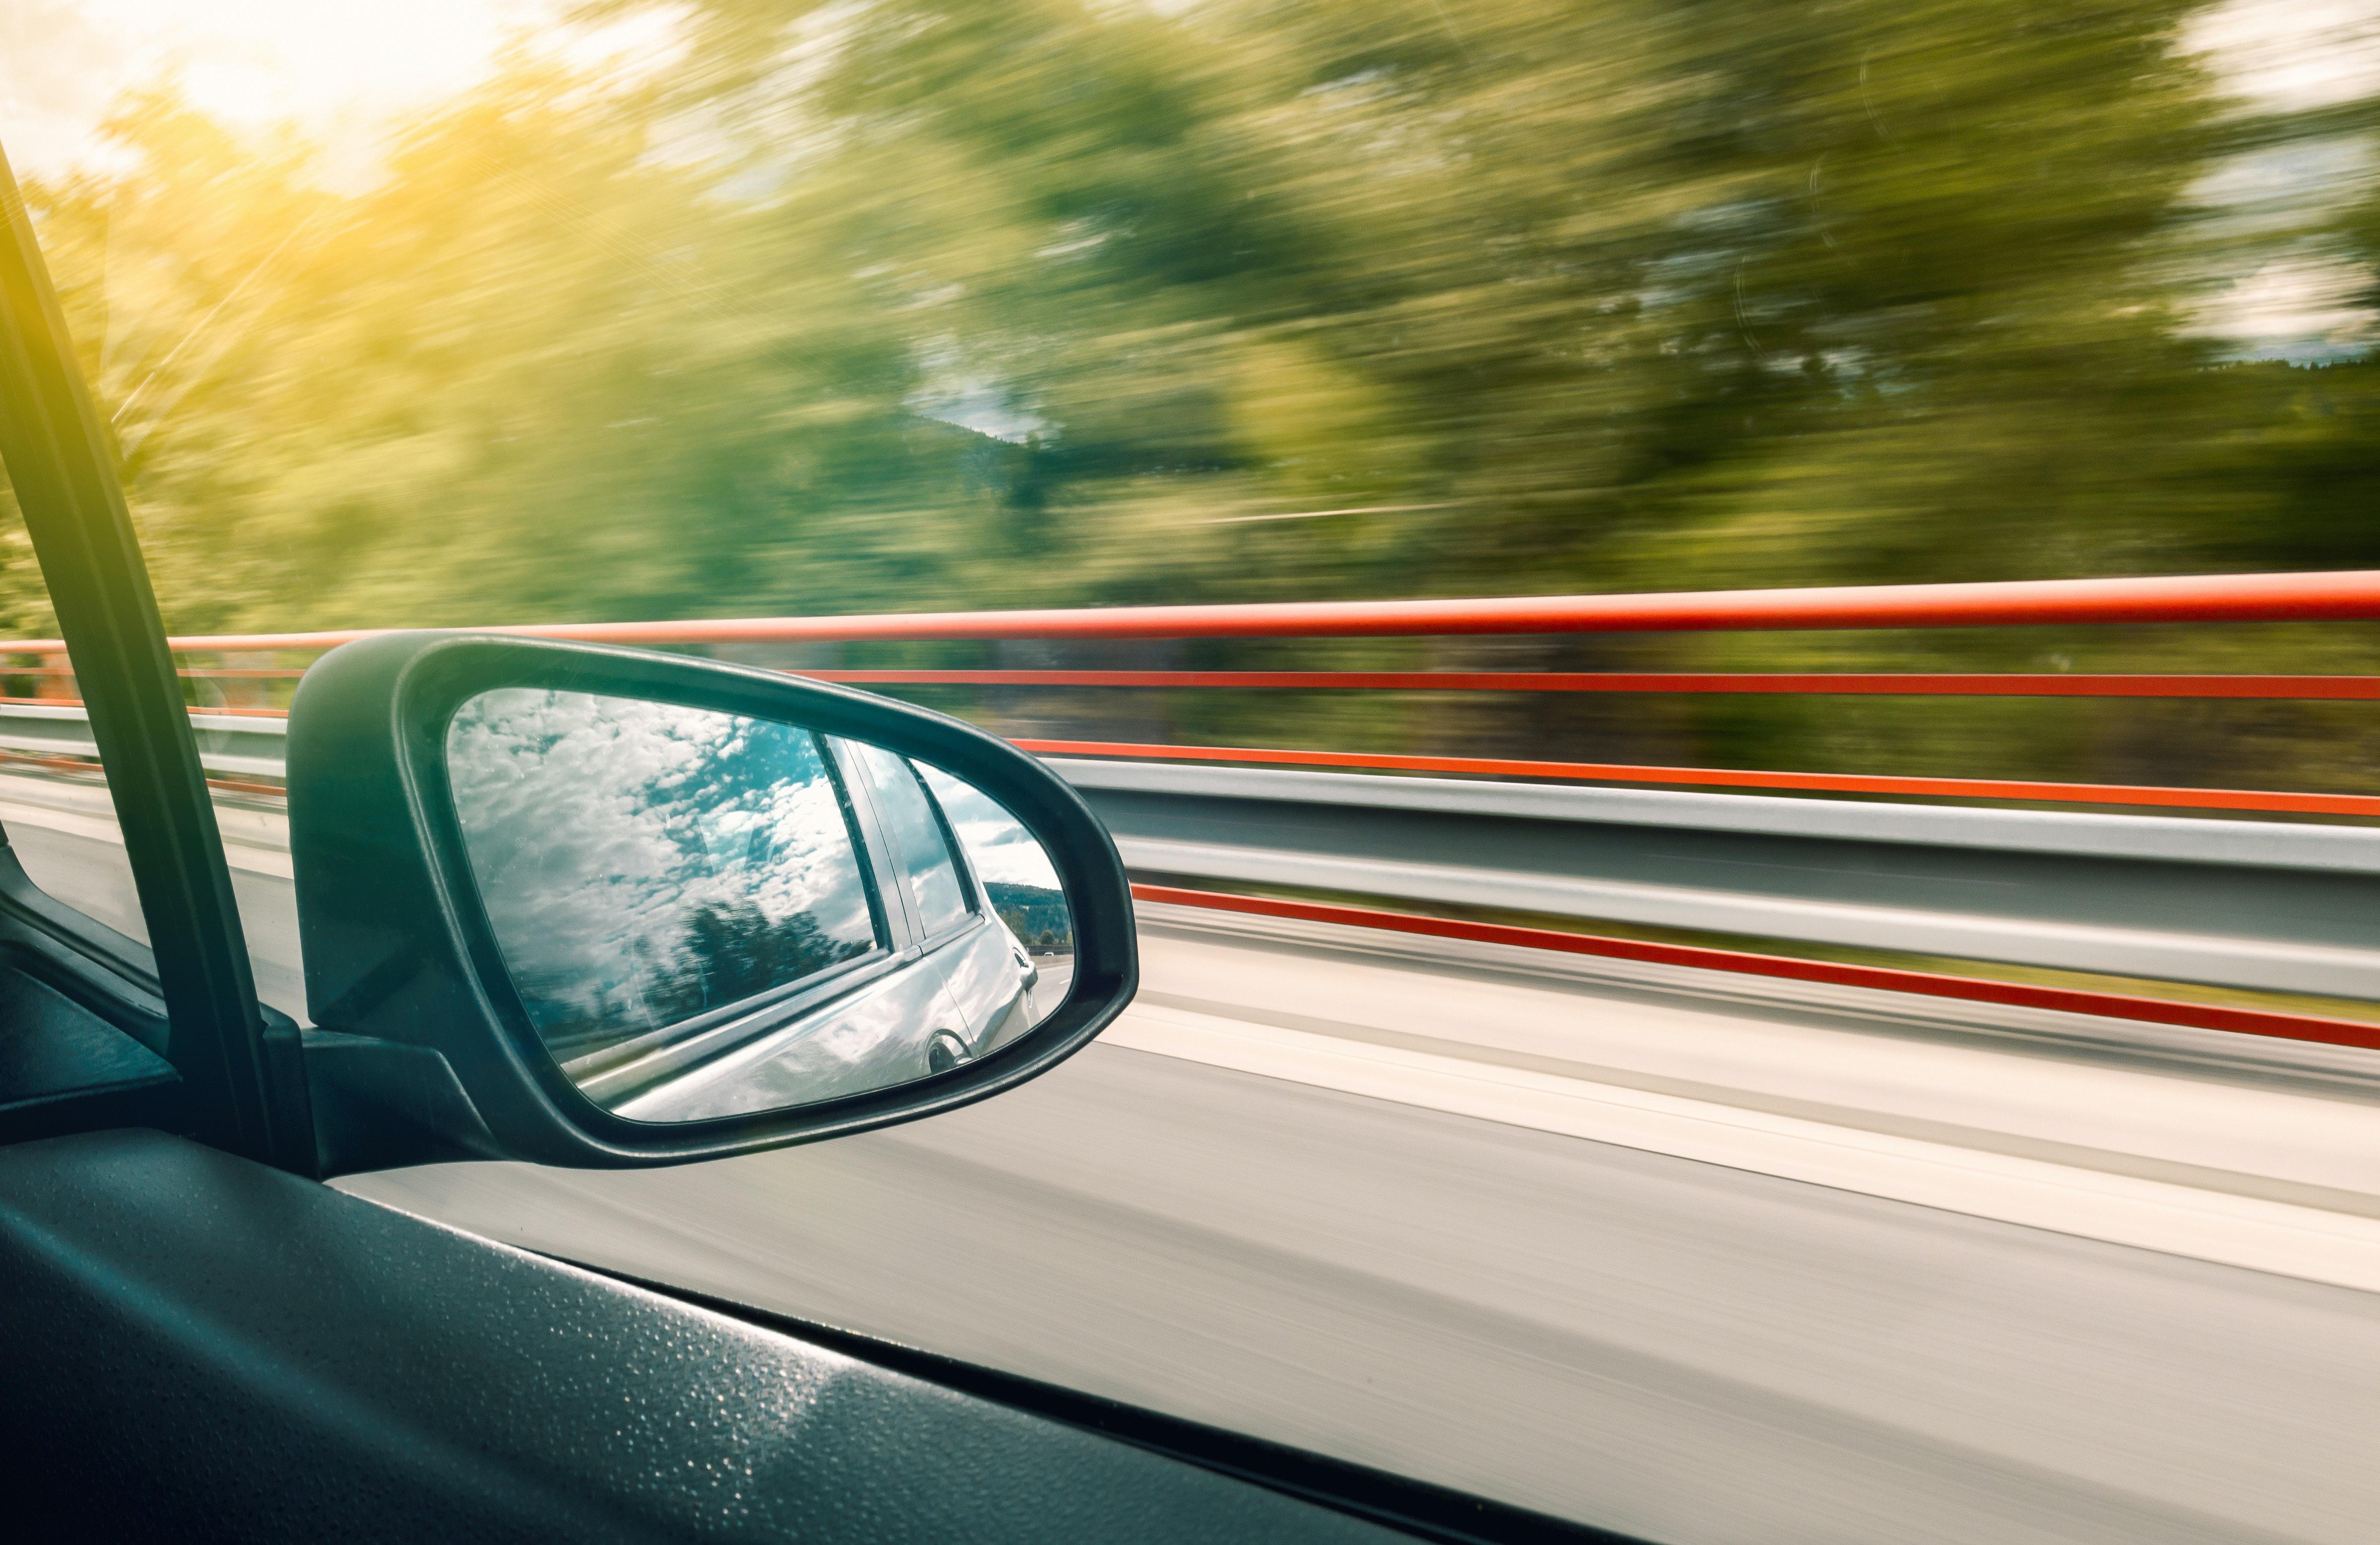 Alasan Pilih Sewa Mobil Lepas Kunci Saat Liburan